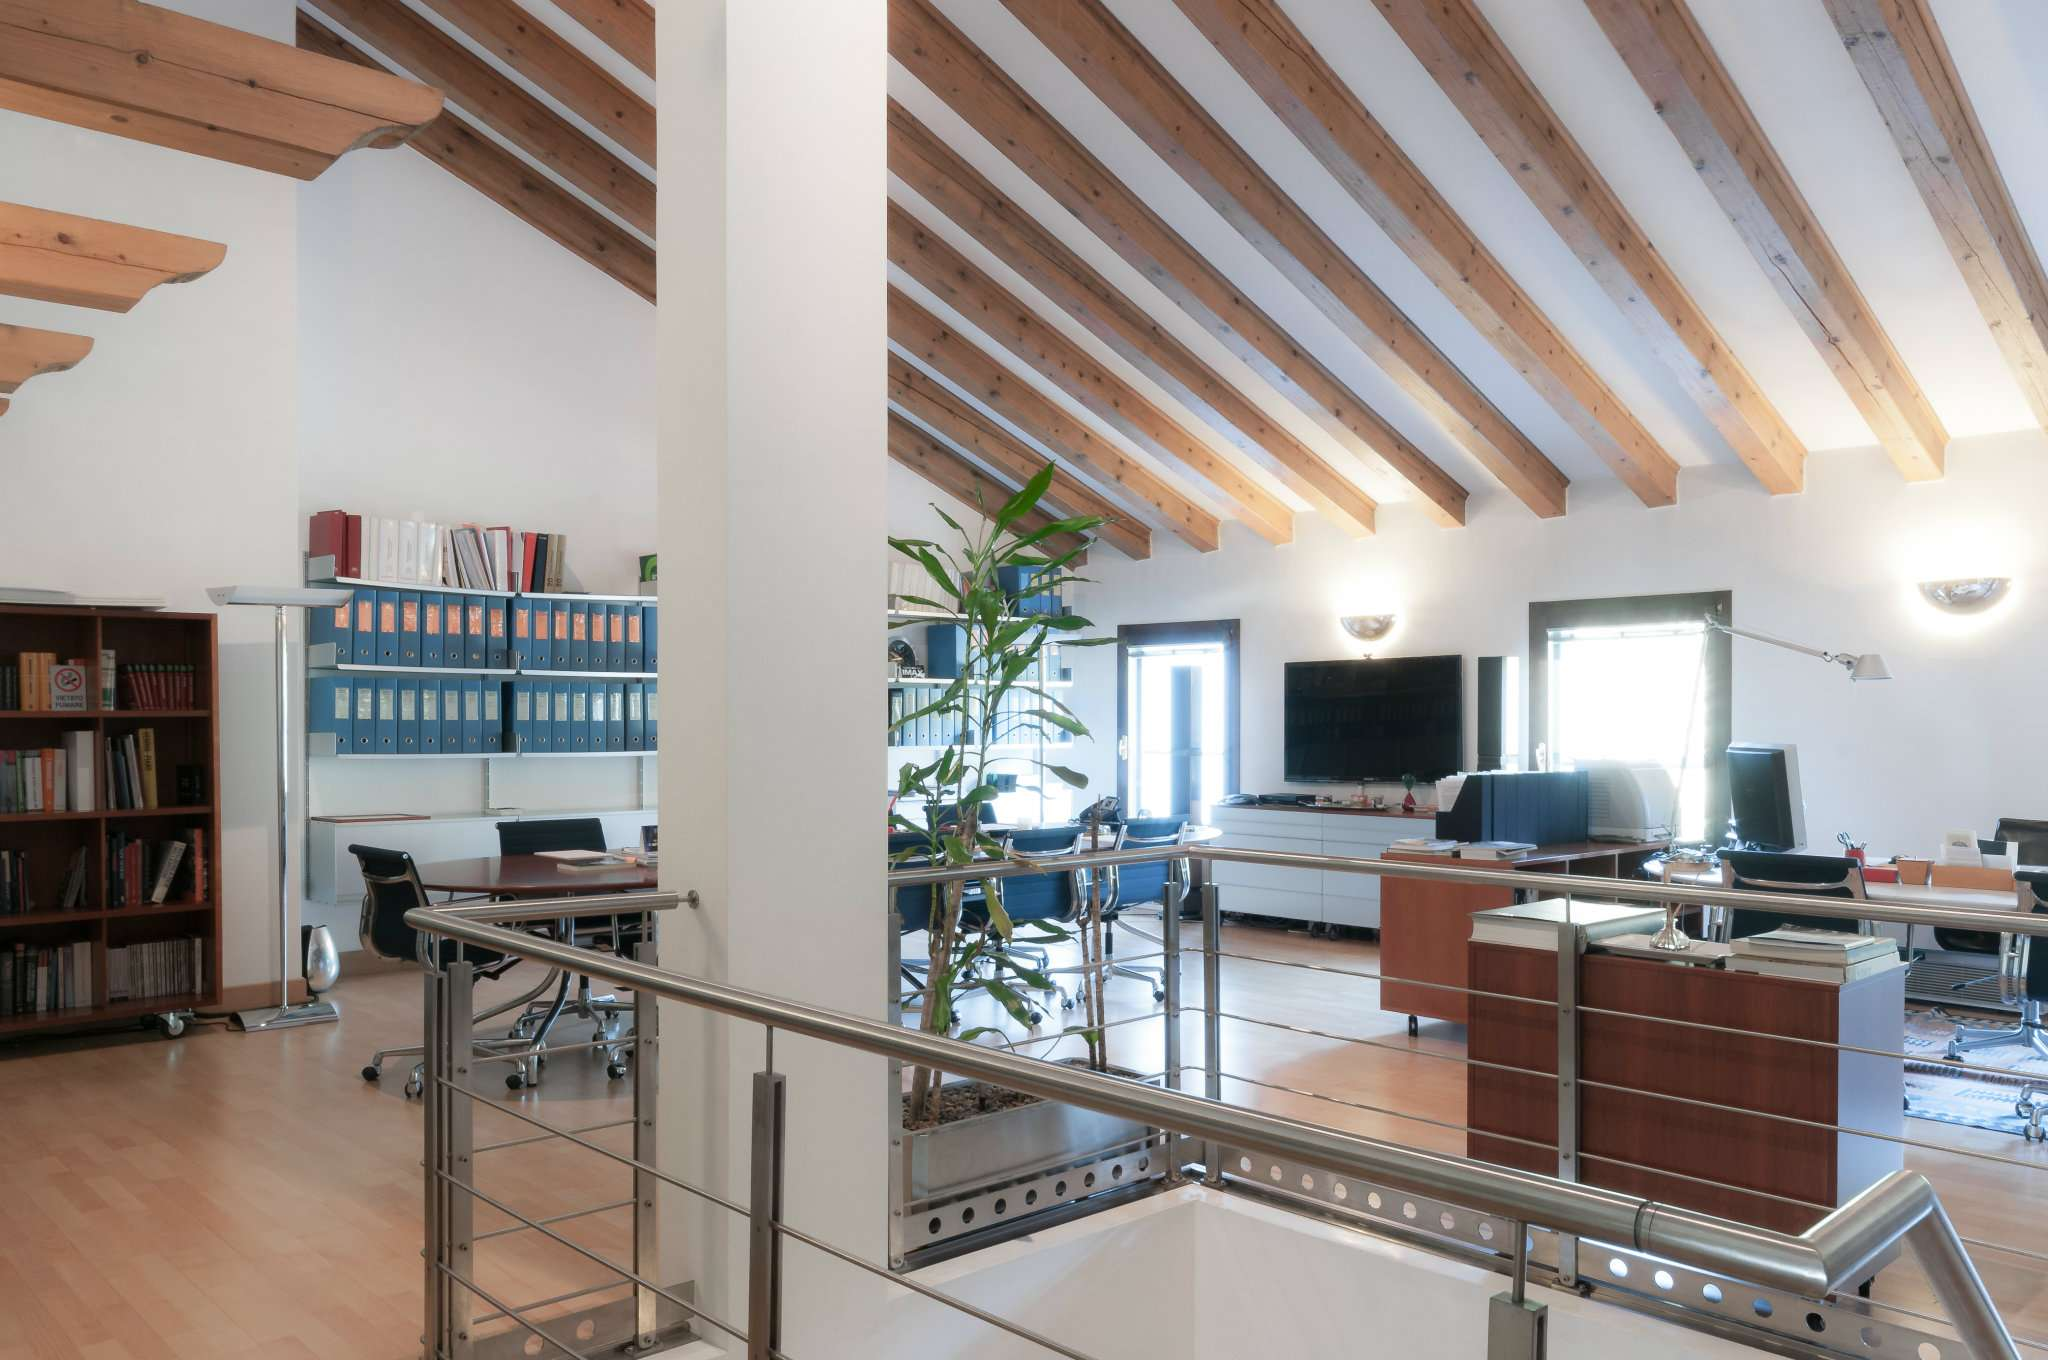 Ufficio / Studio in affitto a Venezia, 9999 locali, zona Zona: 11 . Mestre, prezzo € 1.500 | CambioCasa.it